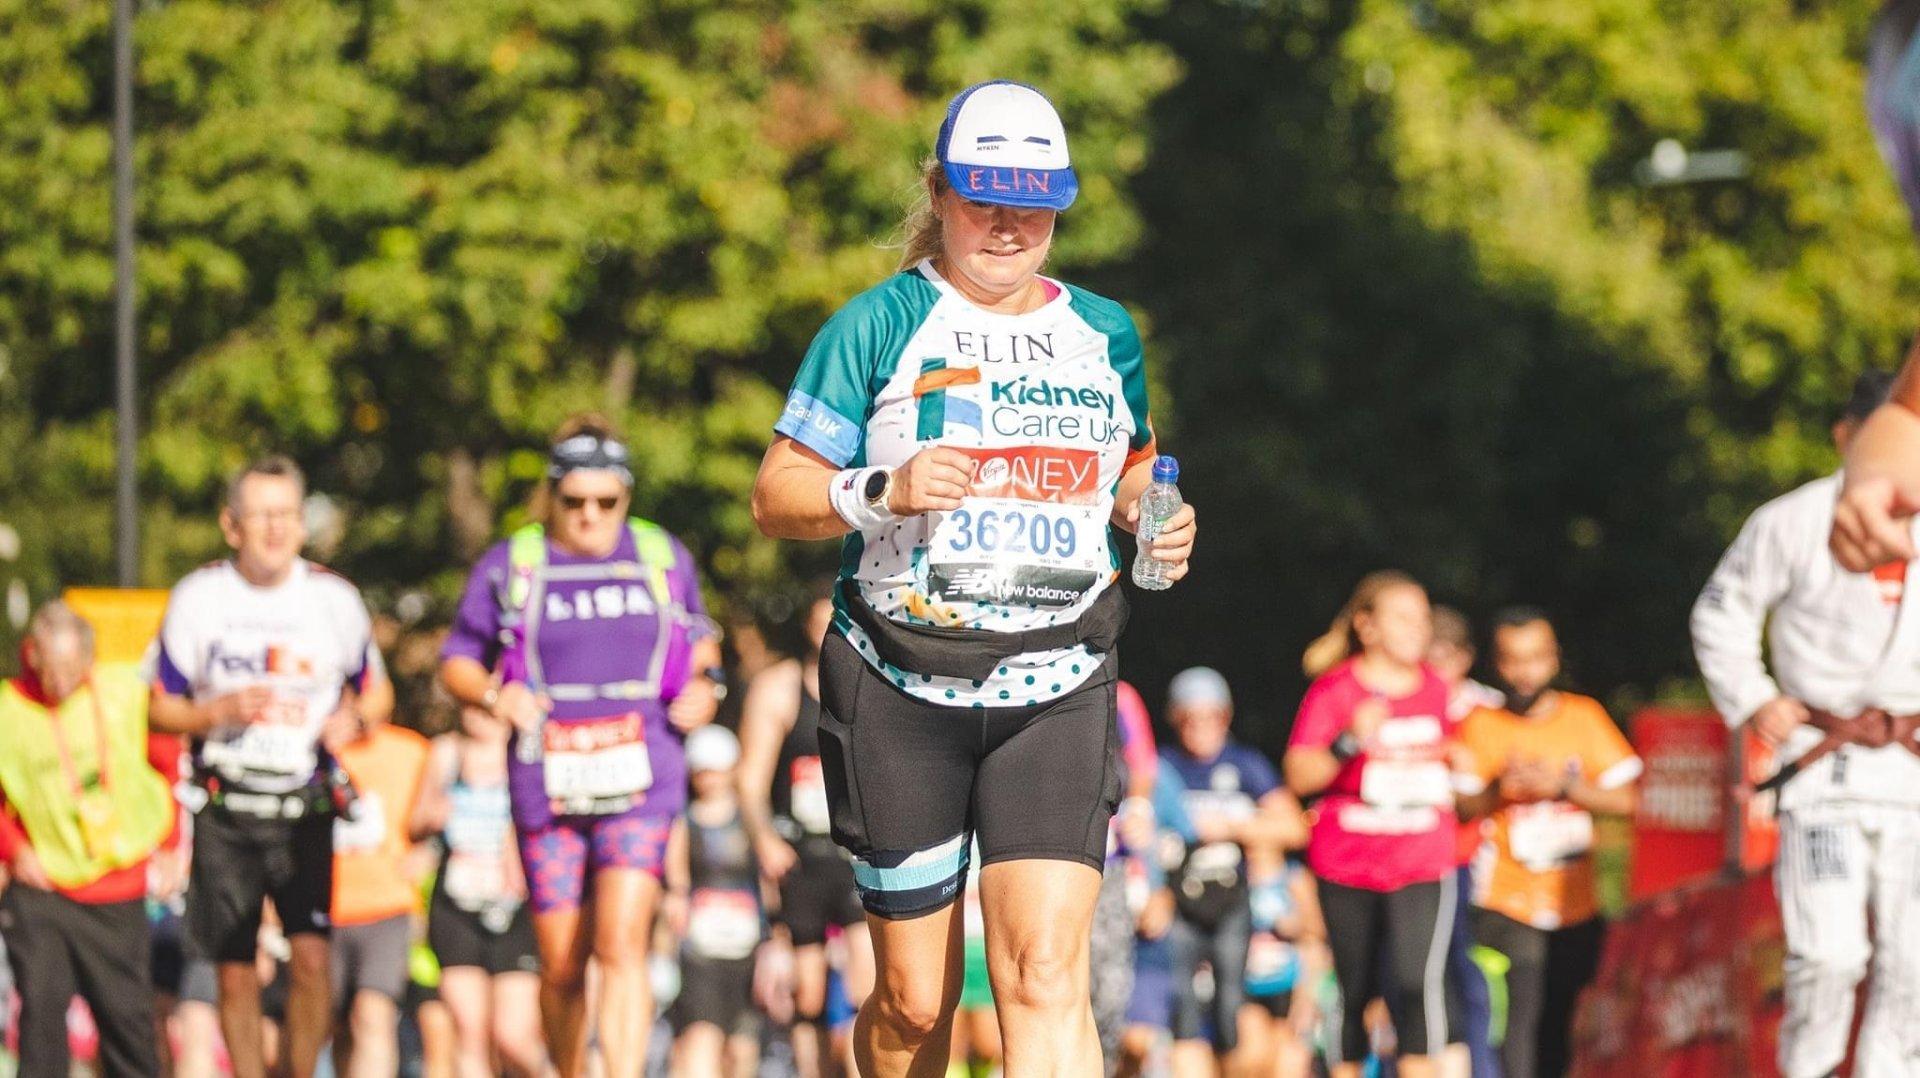 Gland: 3 ans après avoir donné un rein, elle court le marathon de Londres